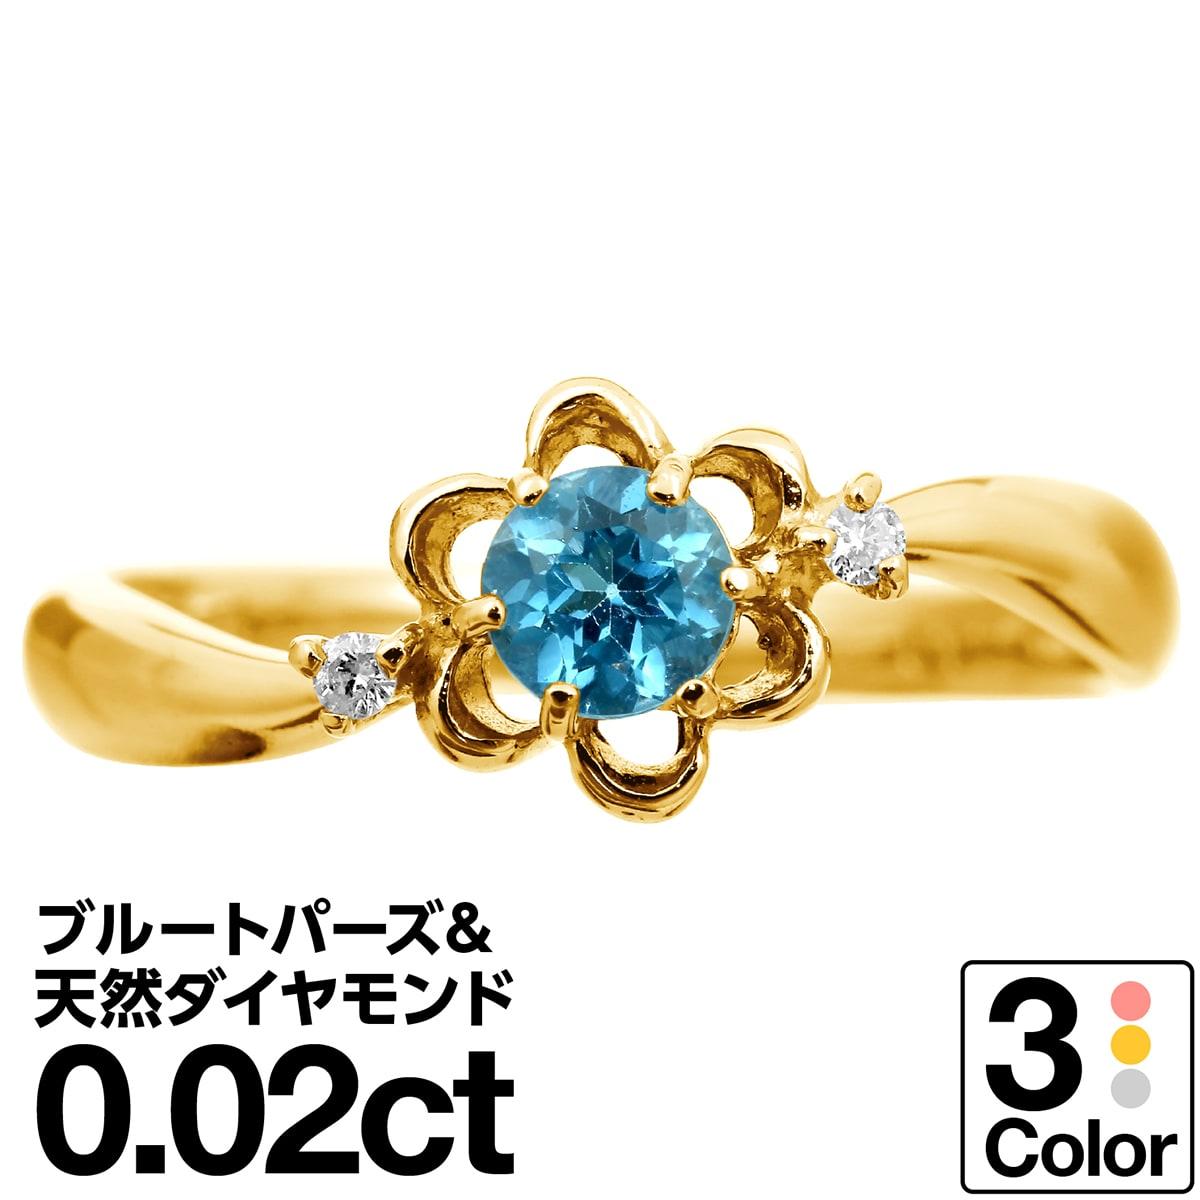 ダイヤモンド ブルートパーズ リング k10 イエローゴールド/ホワイトゴールド/ピンクゴールド ファッションリング 金属アレルギー 日本製 誕生日 ギフト